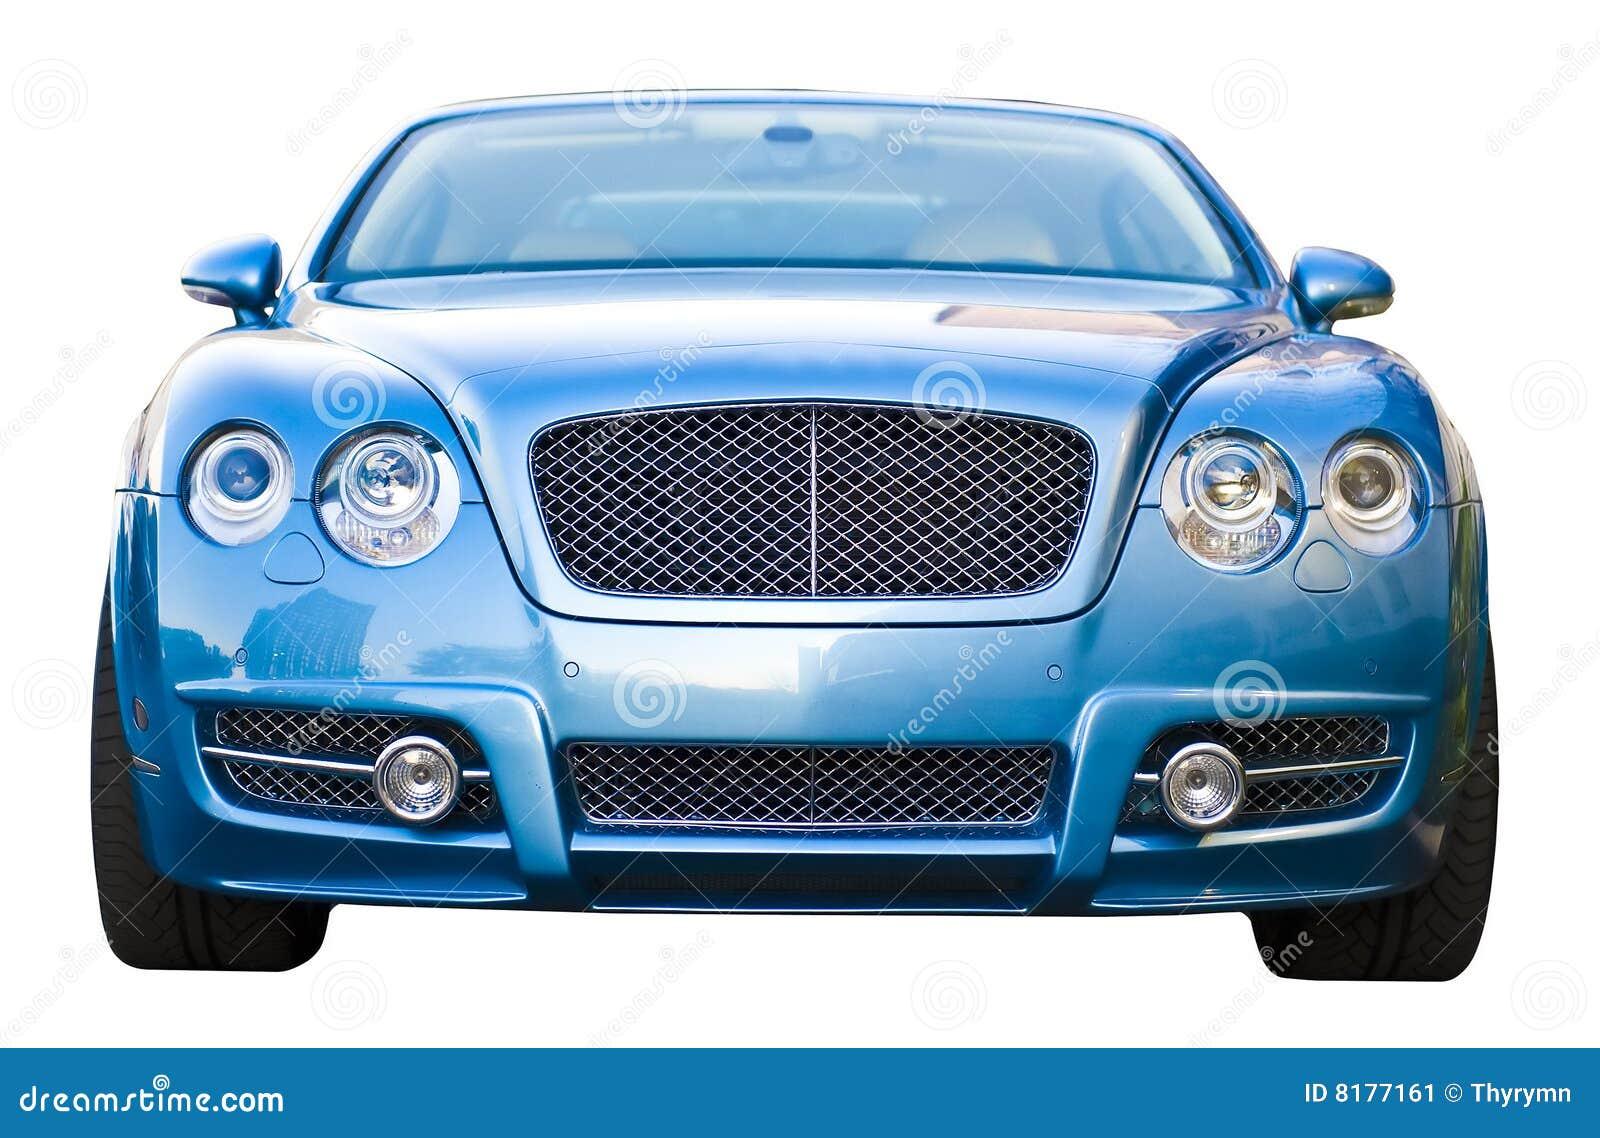 Blue Luxury Car Stock Image  Image 8177161